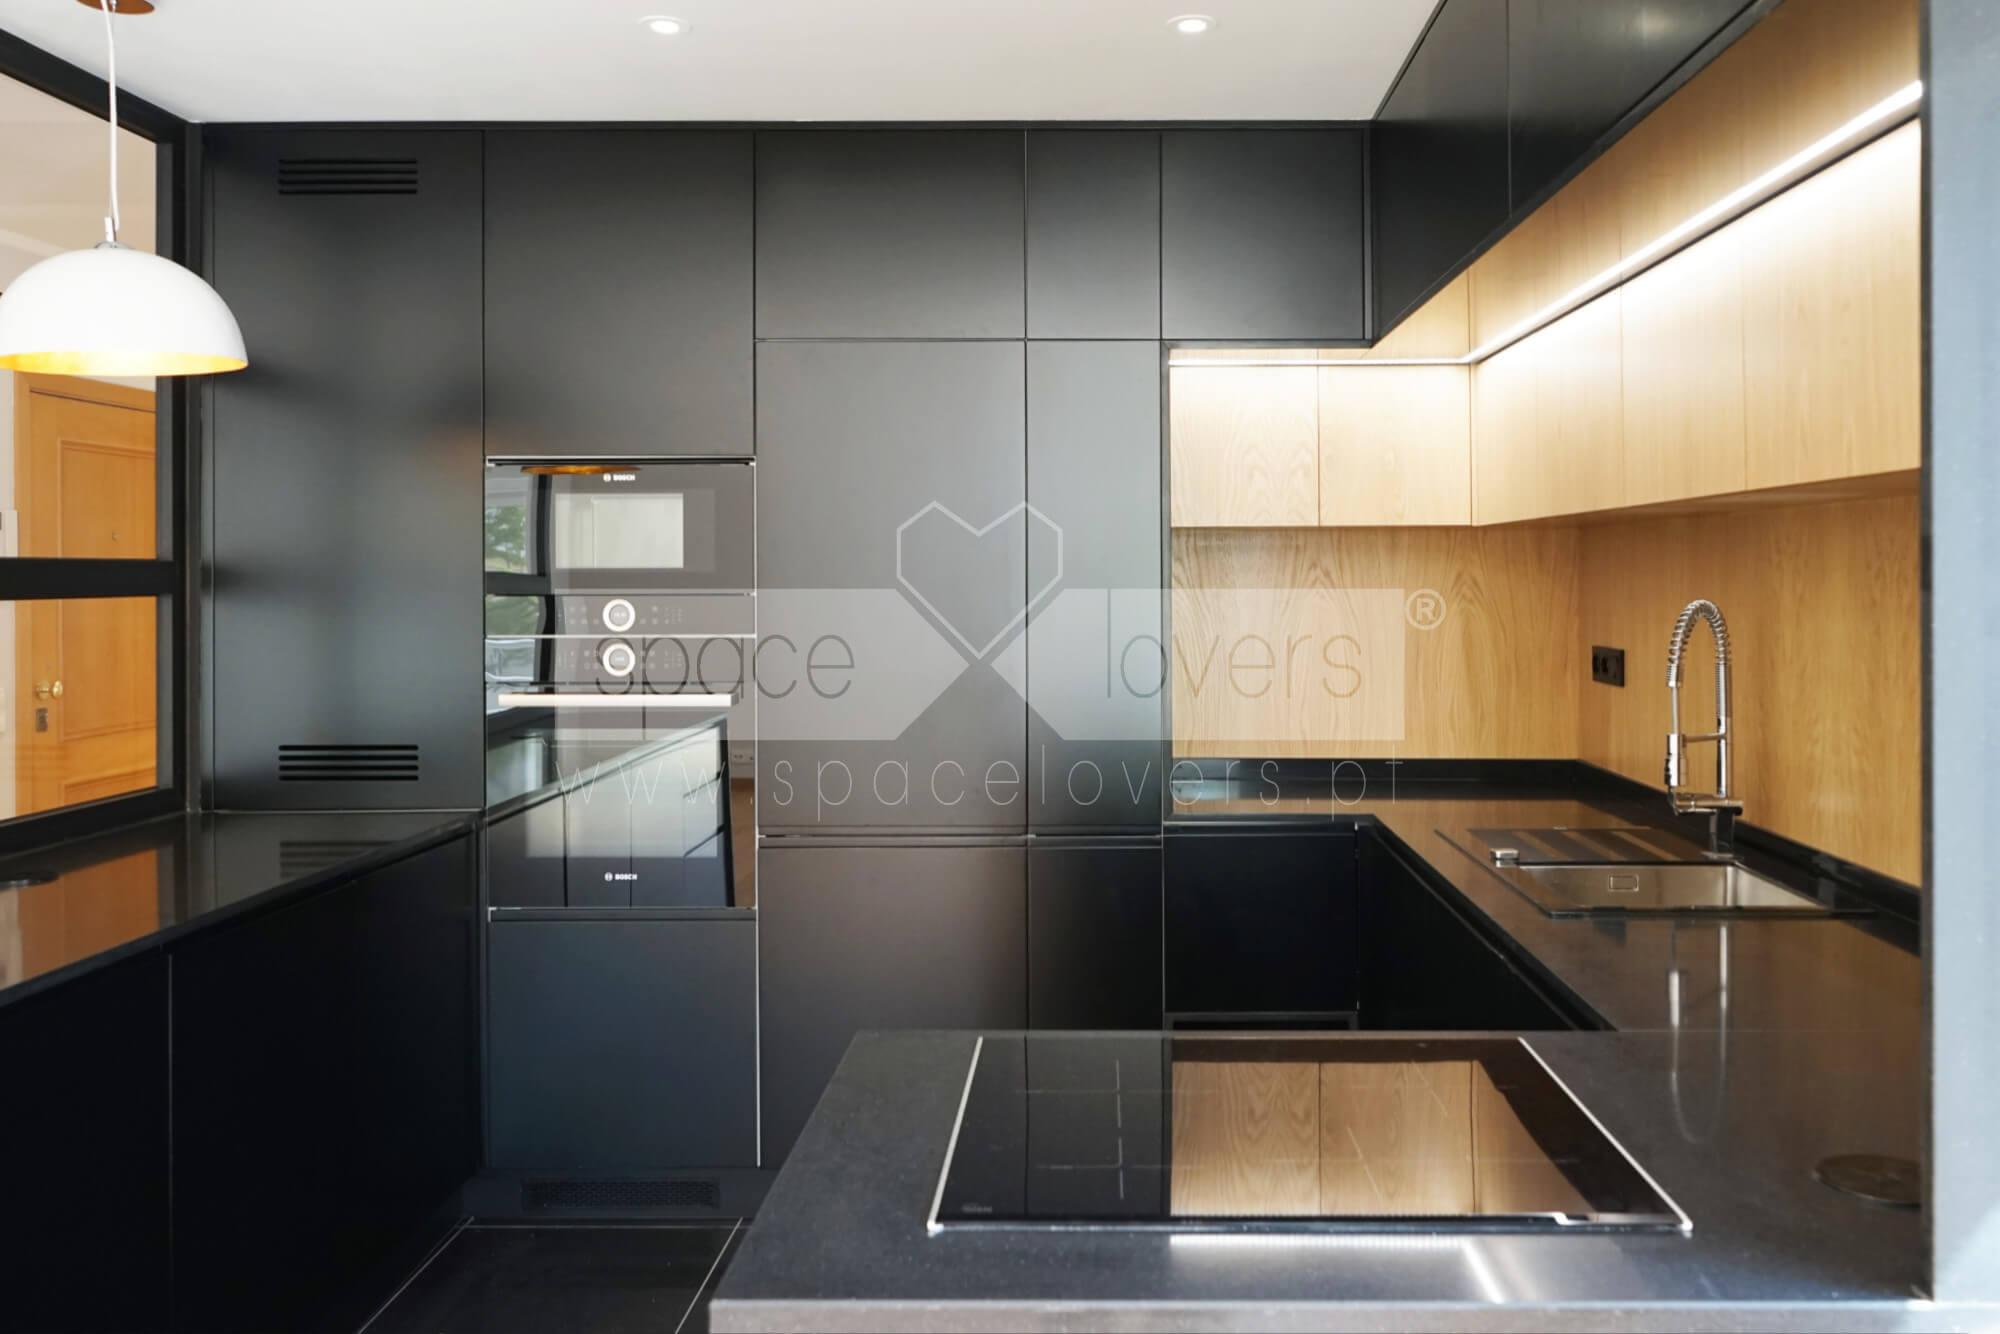 Projeto de Arquitetura - Remodelação de apartamento Parque das Nações